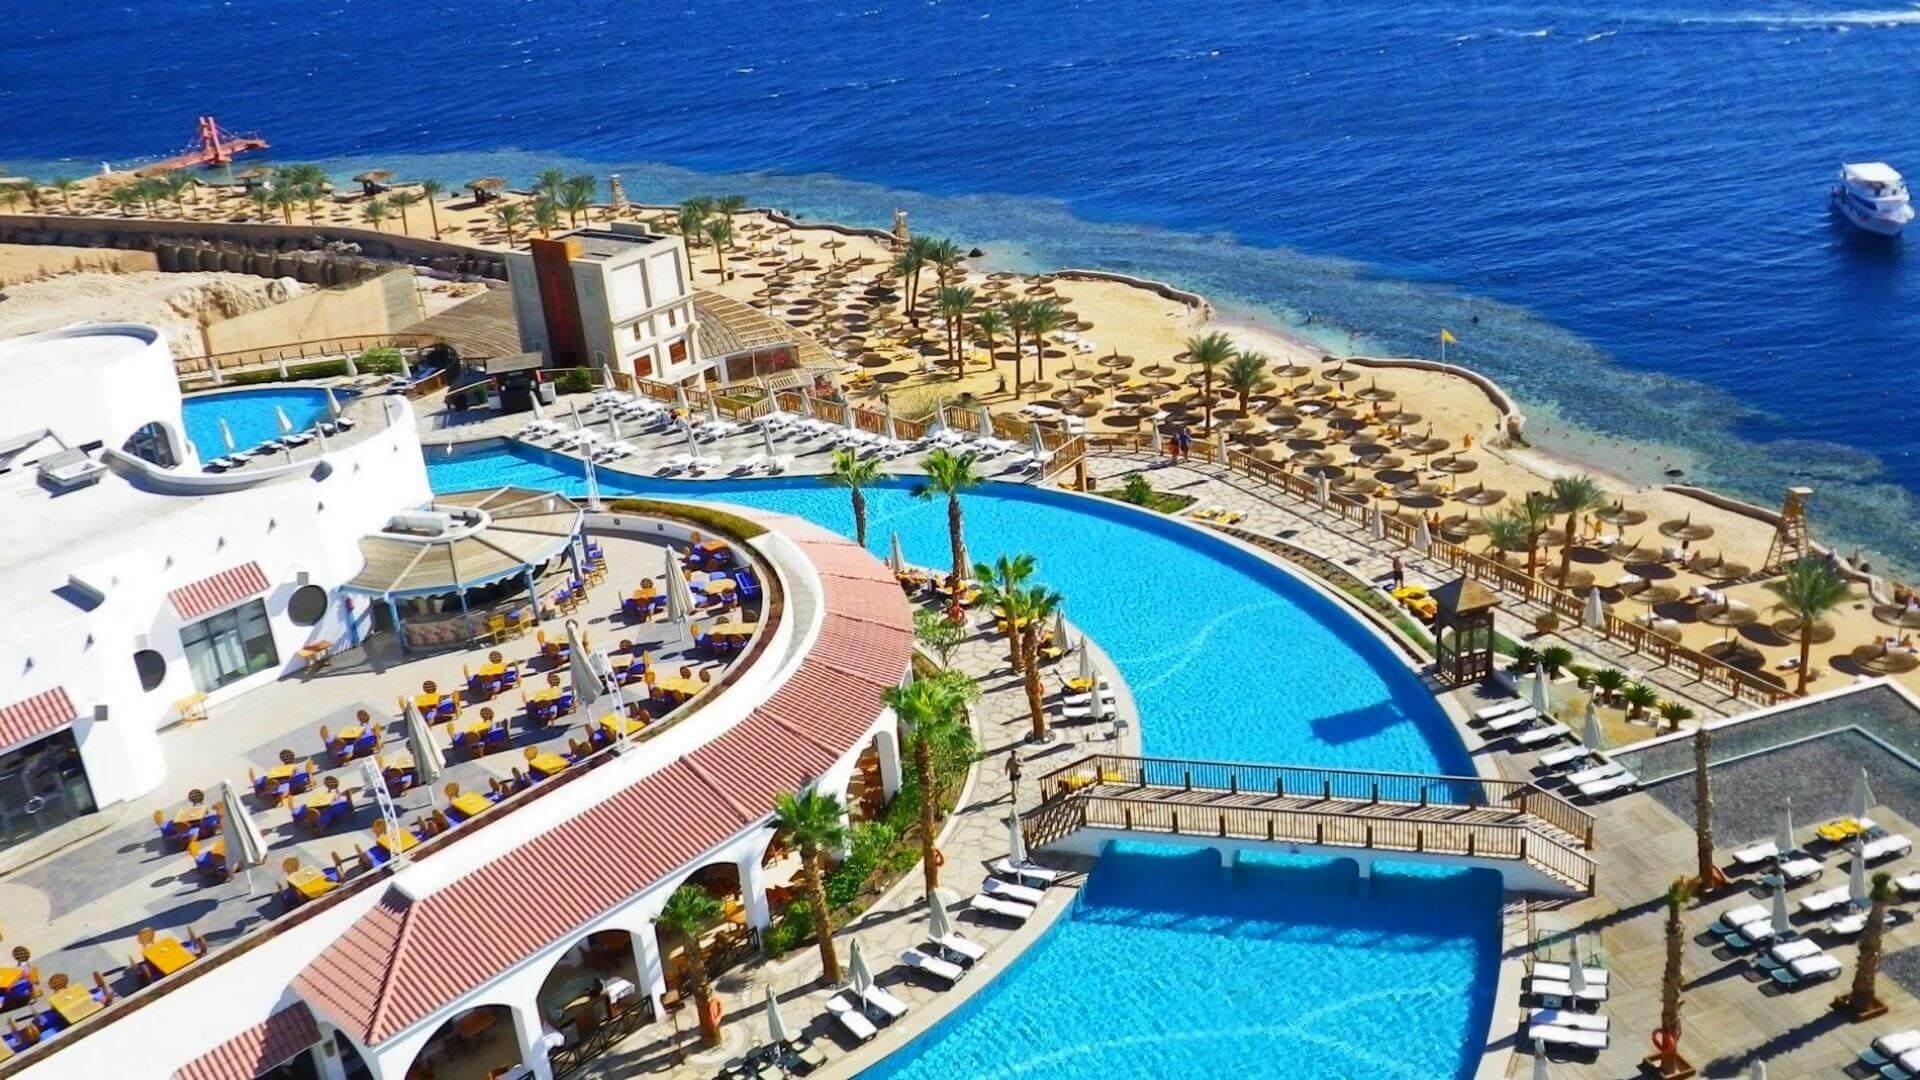 5-звездочный отель Reef Oasis Blue Bay Resort в Шарм-эль-Шейхе